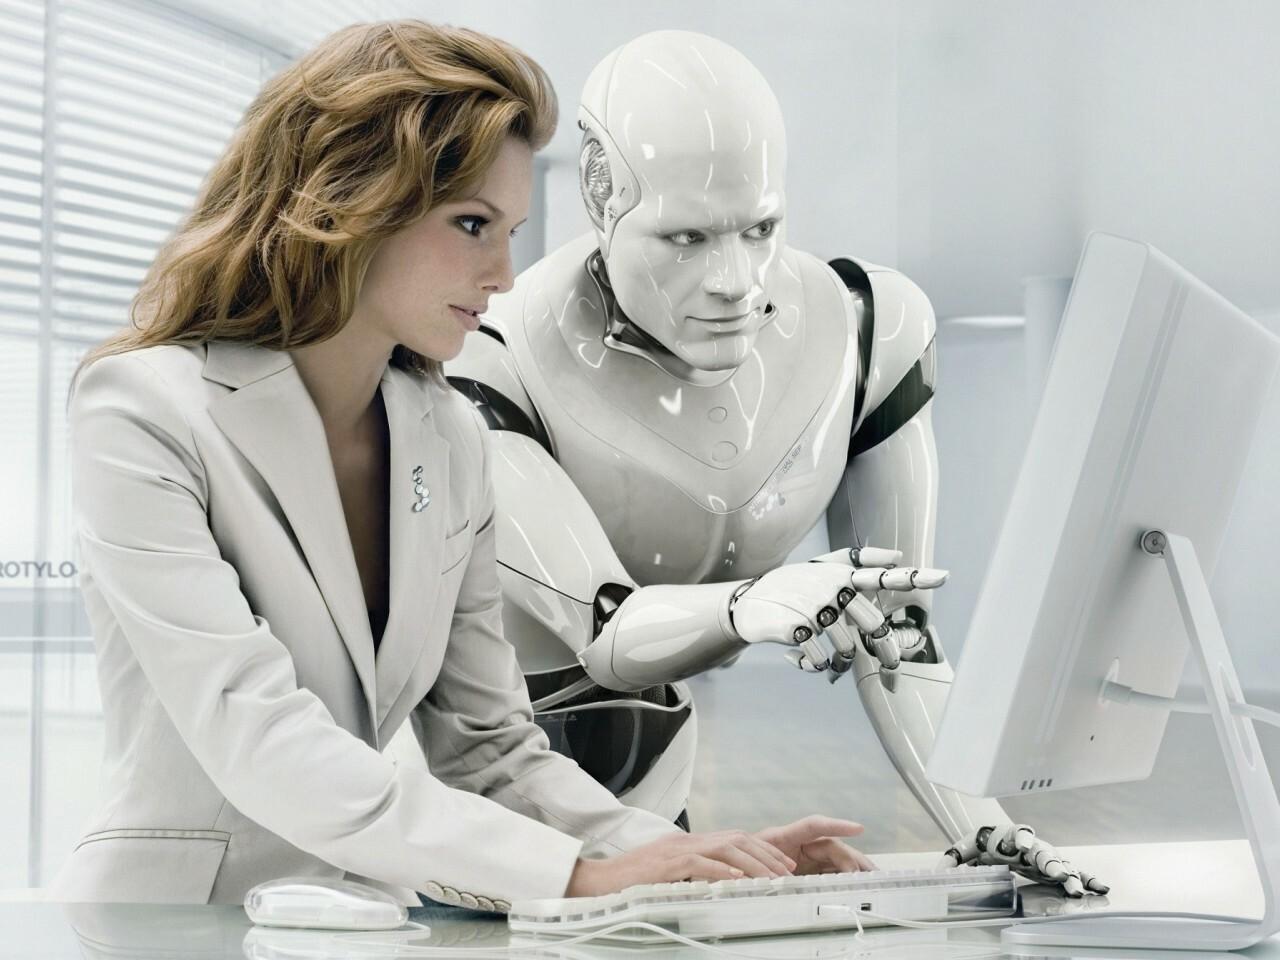 Робот помогает сотруднику